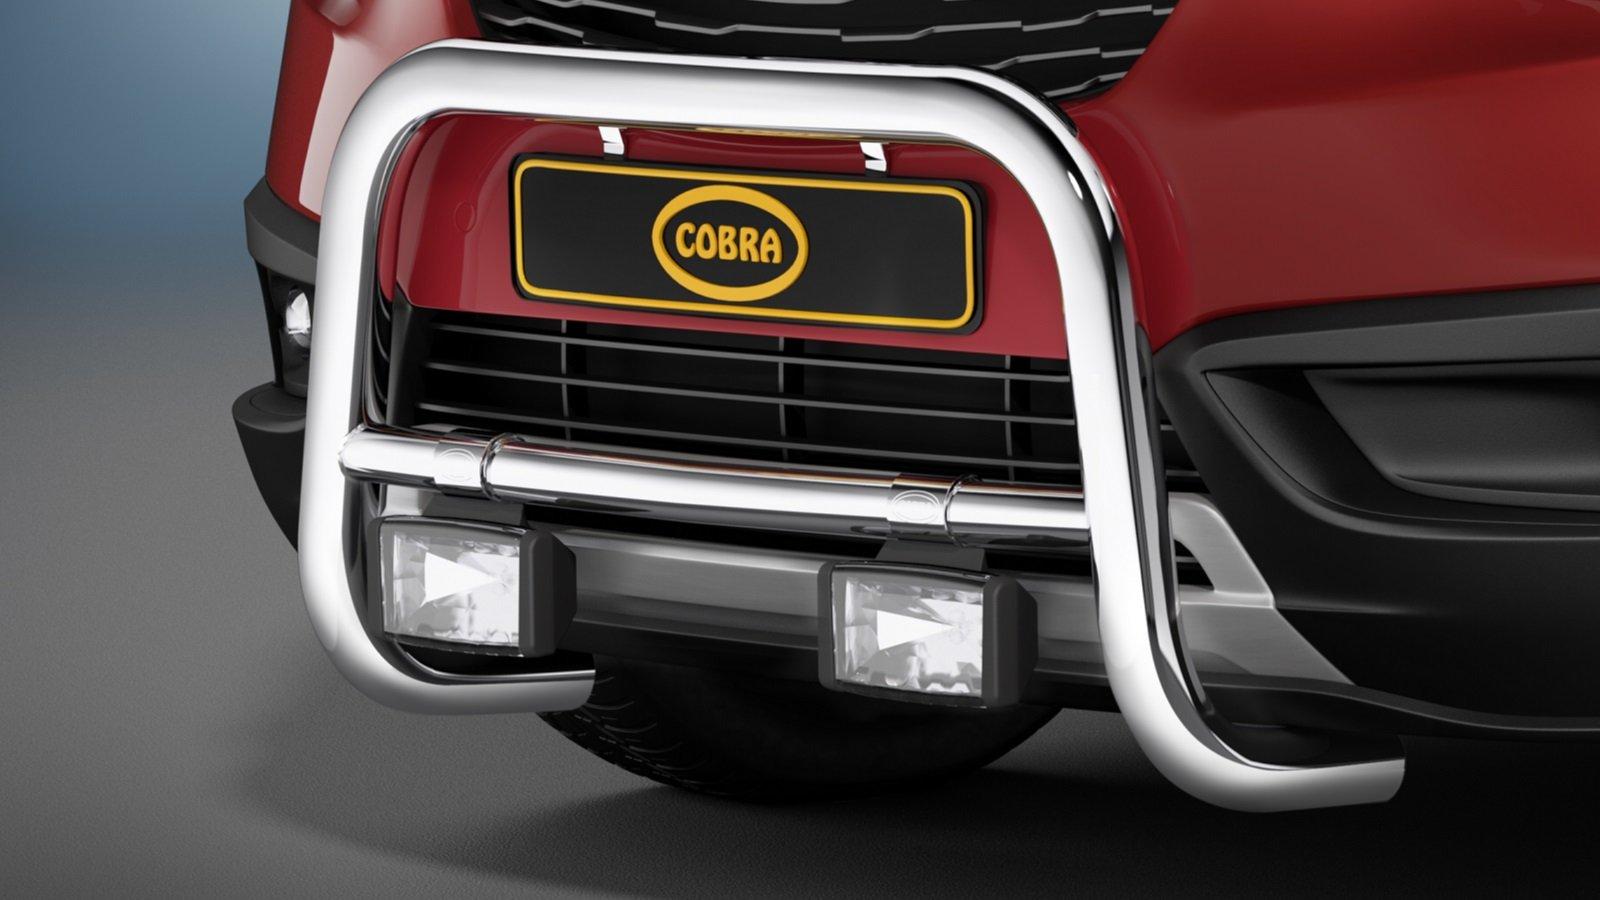 Cobra EU-kufanger, Ø 60 mm, Opel Crossland X, mod. 2017->